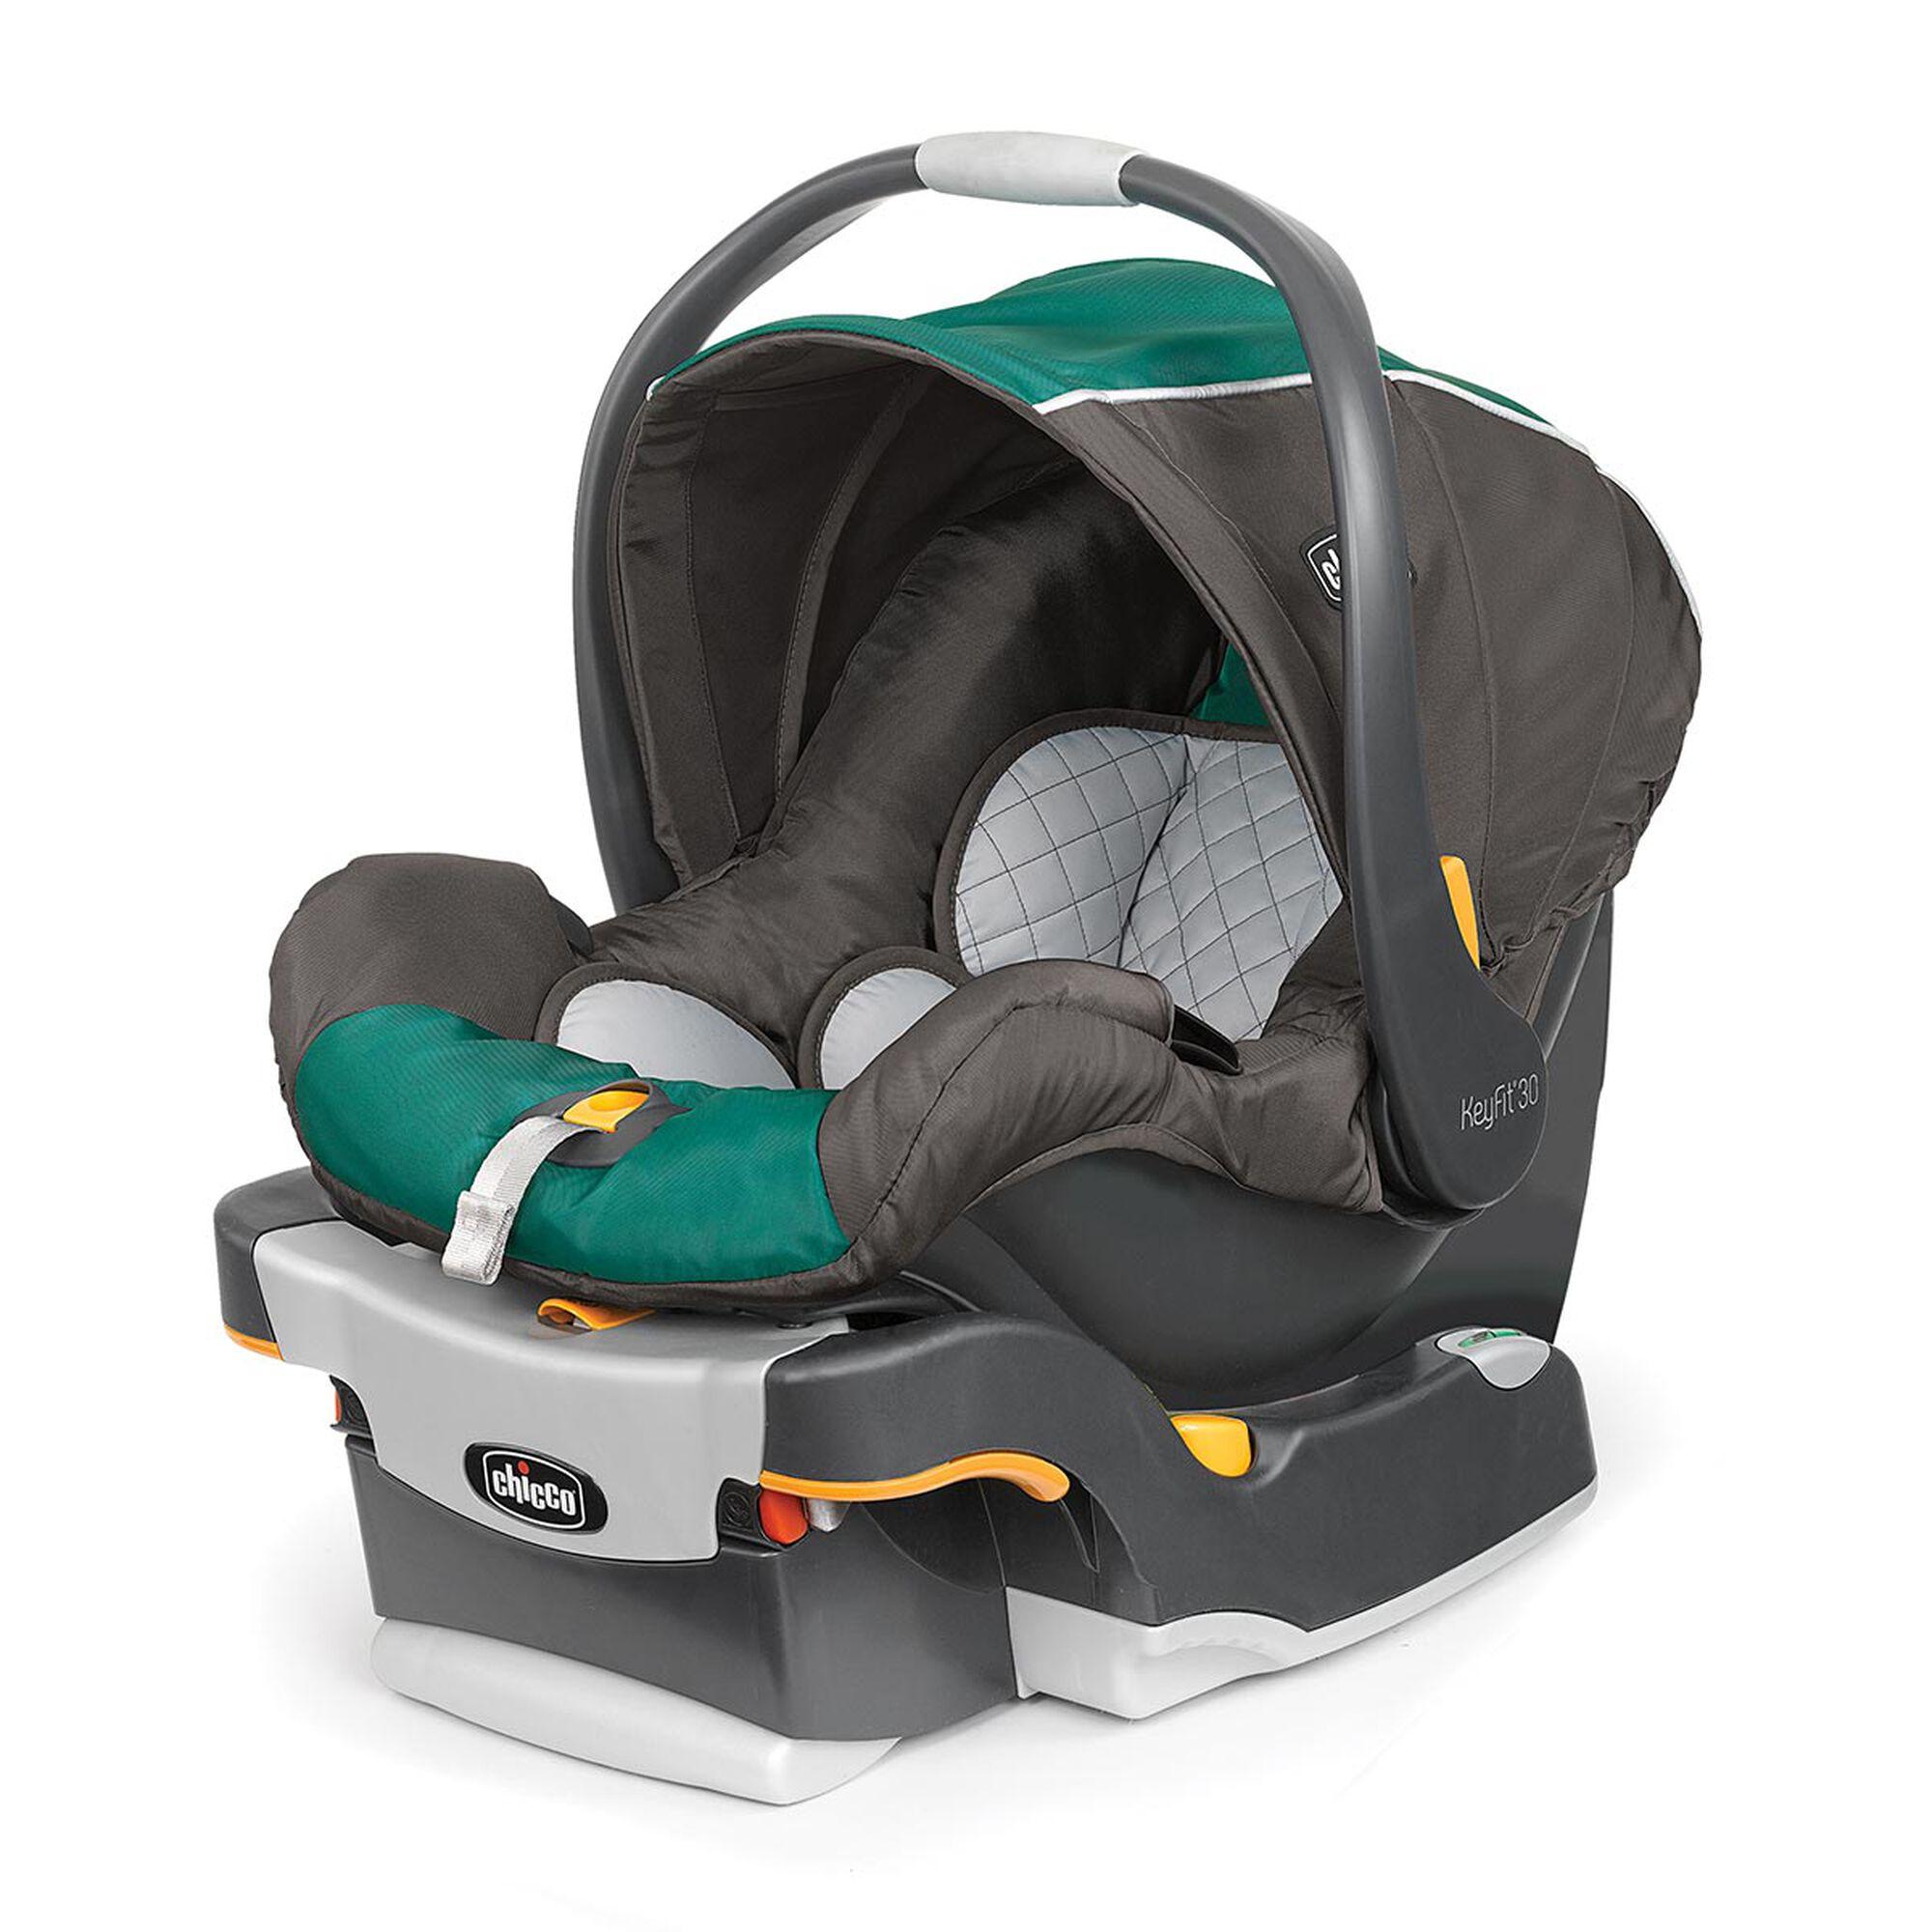 keyfit 30 infant car seat energy chicco. Black Bedroom Furniture Sets. Home Design Ideas